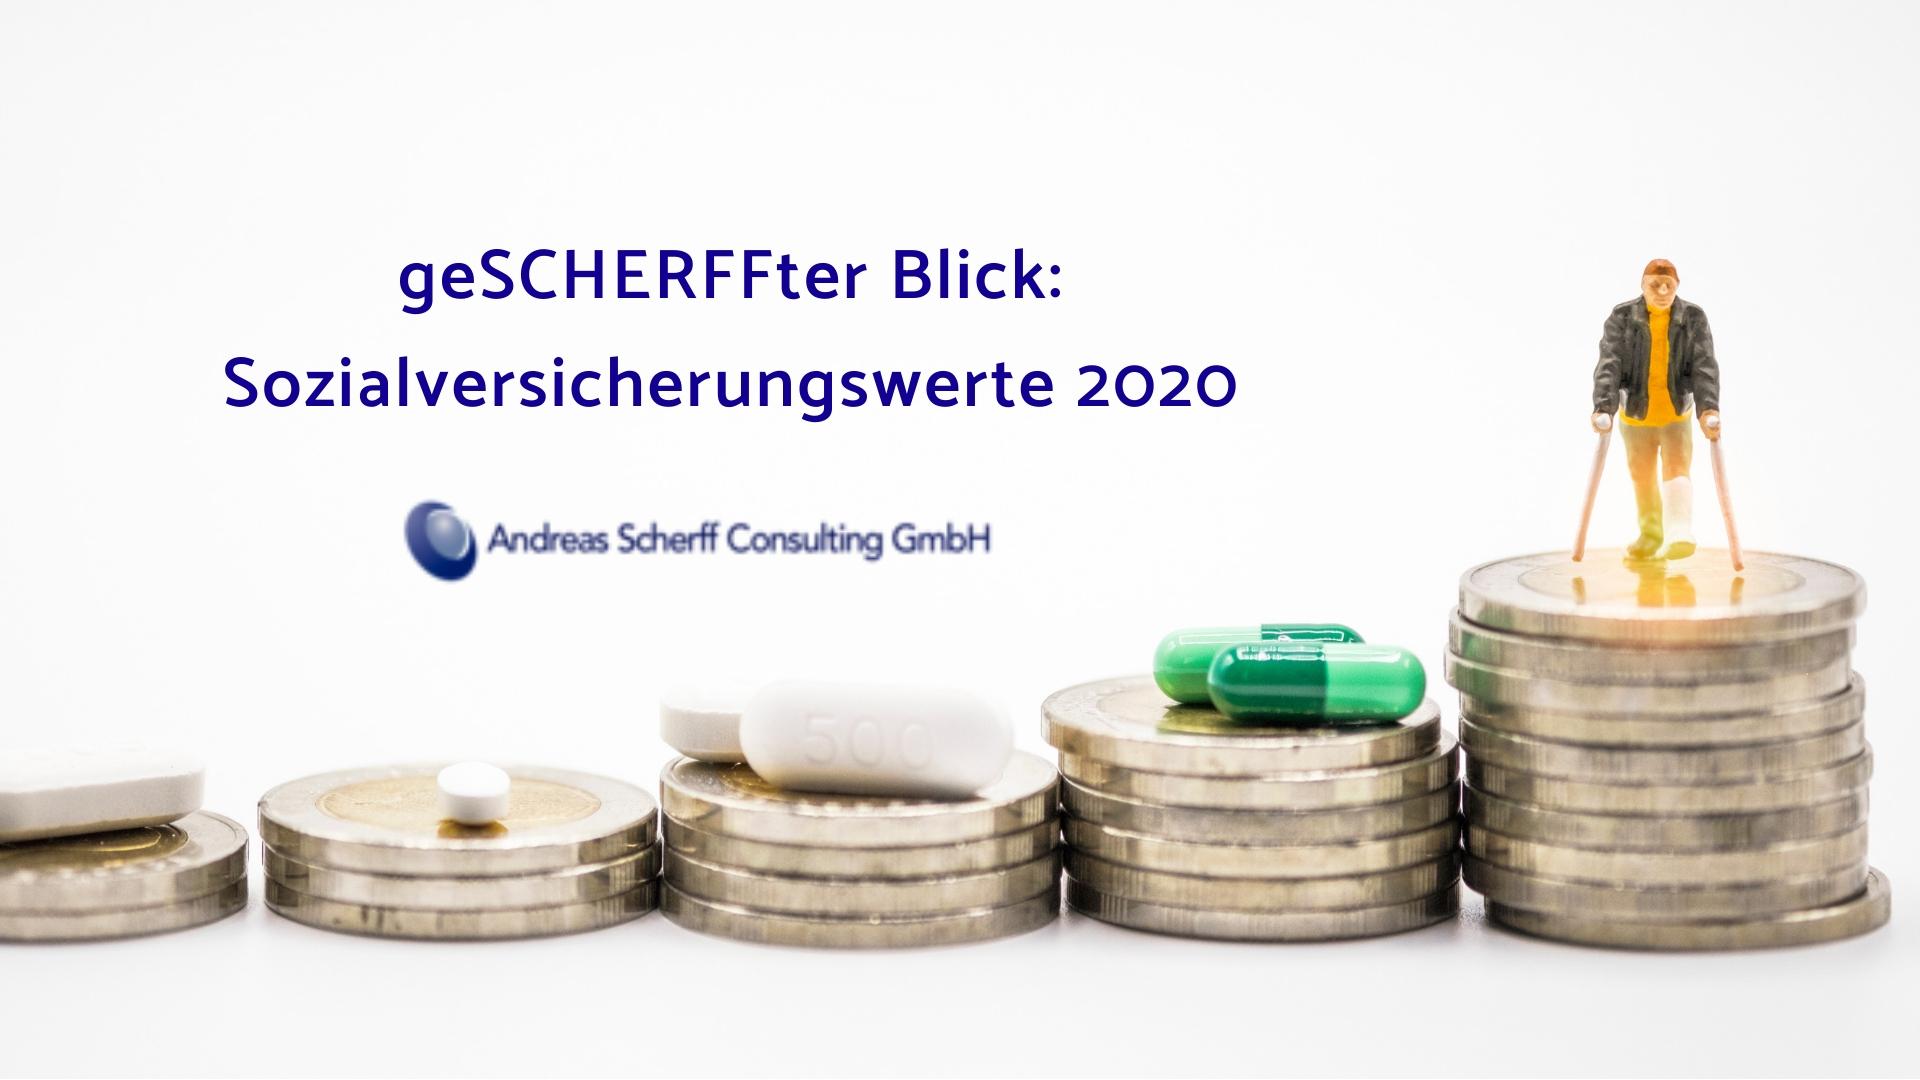 geSChERFFter Blick_Sozialversicherungswerte 2020